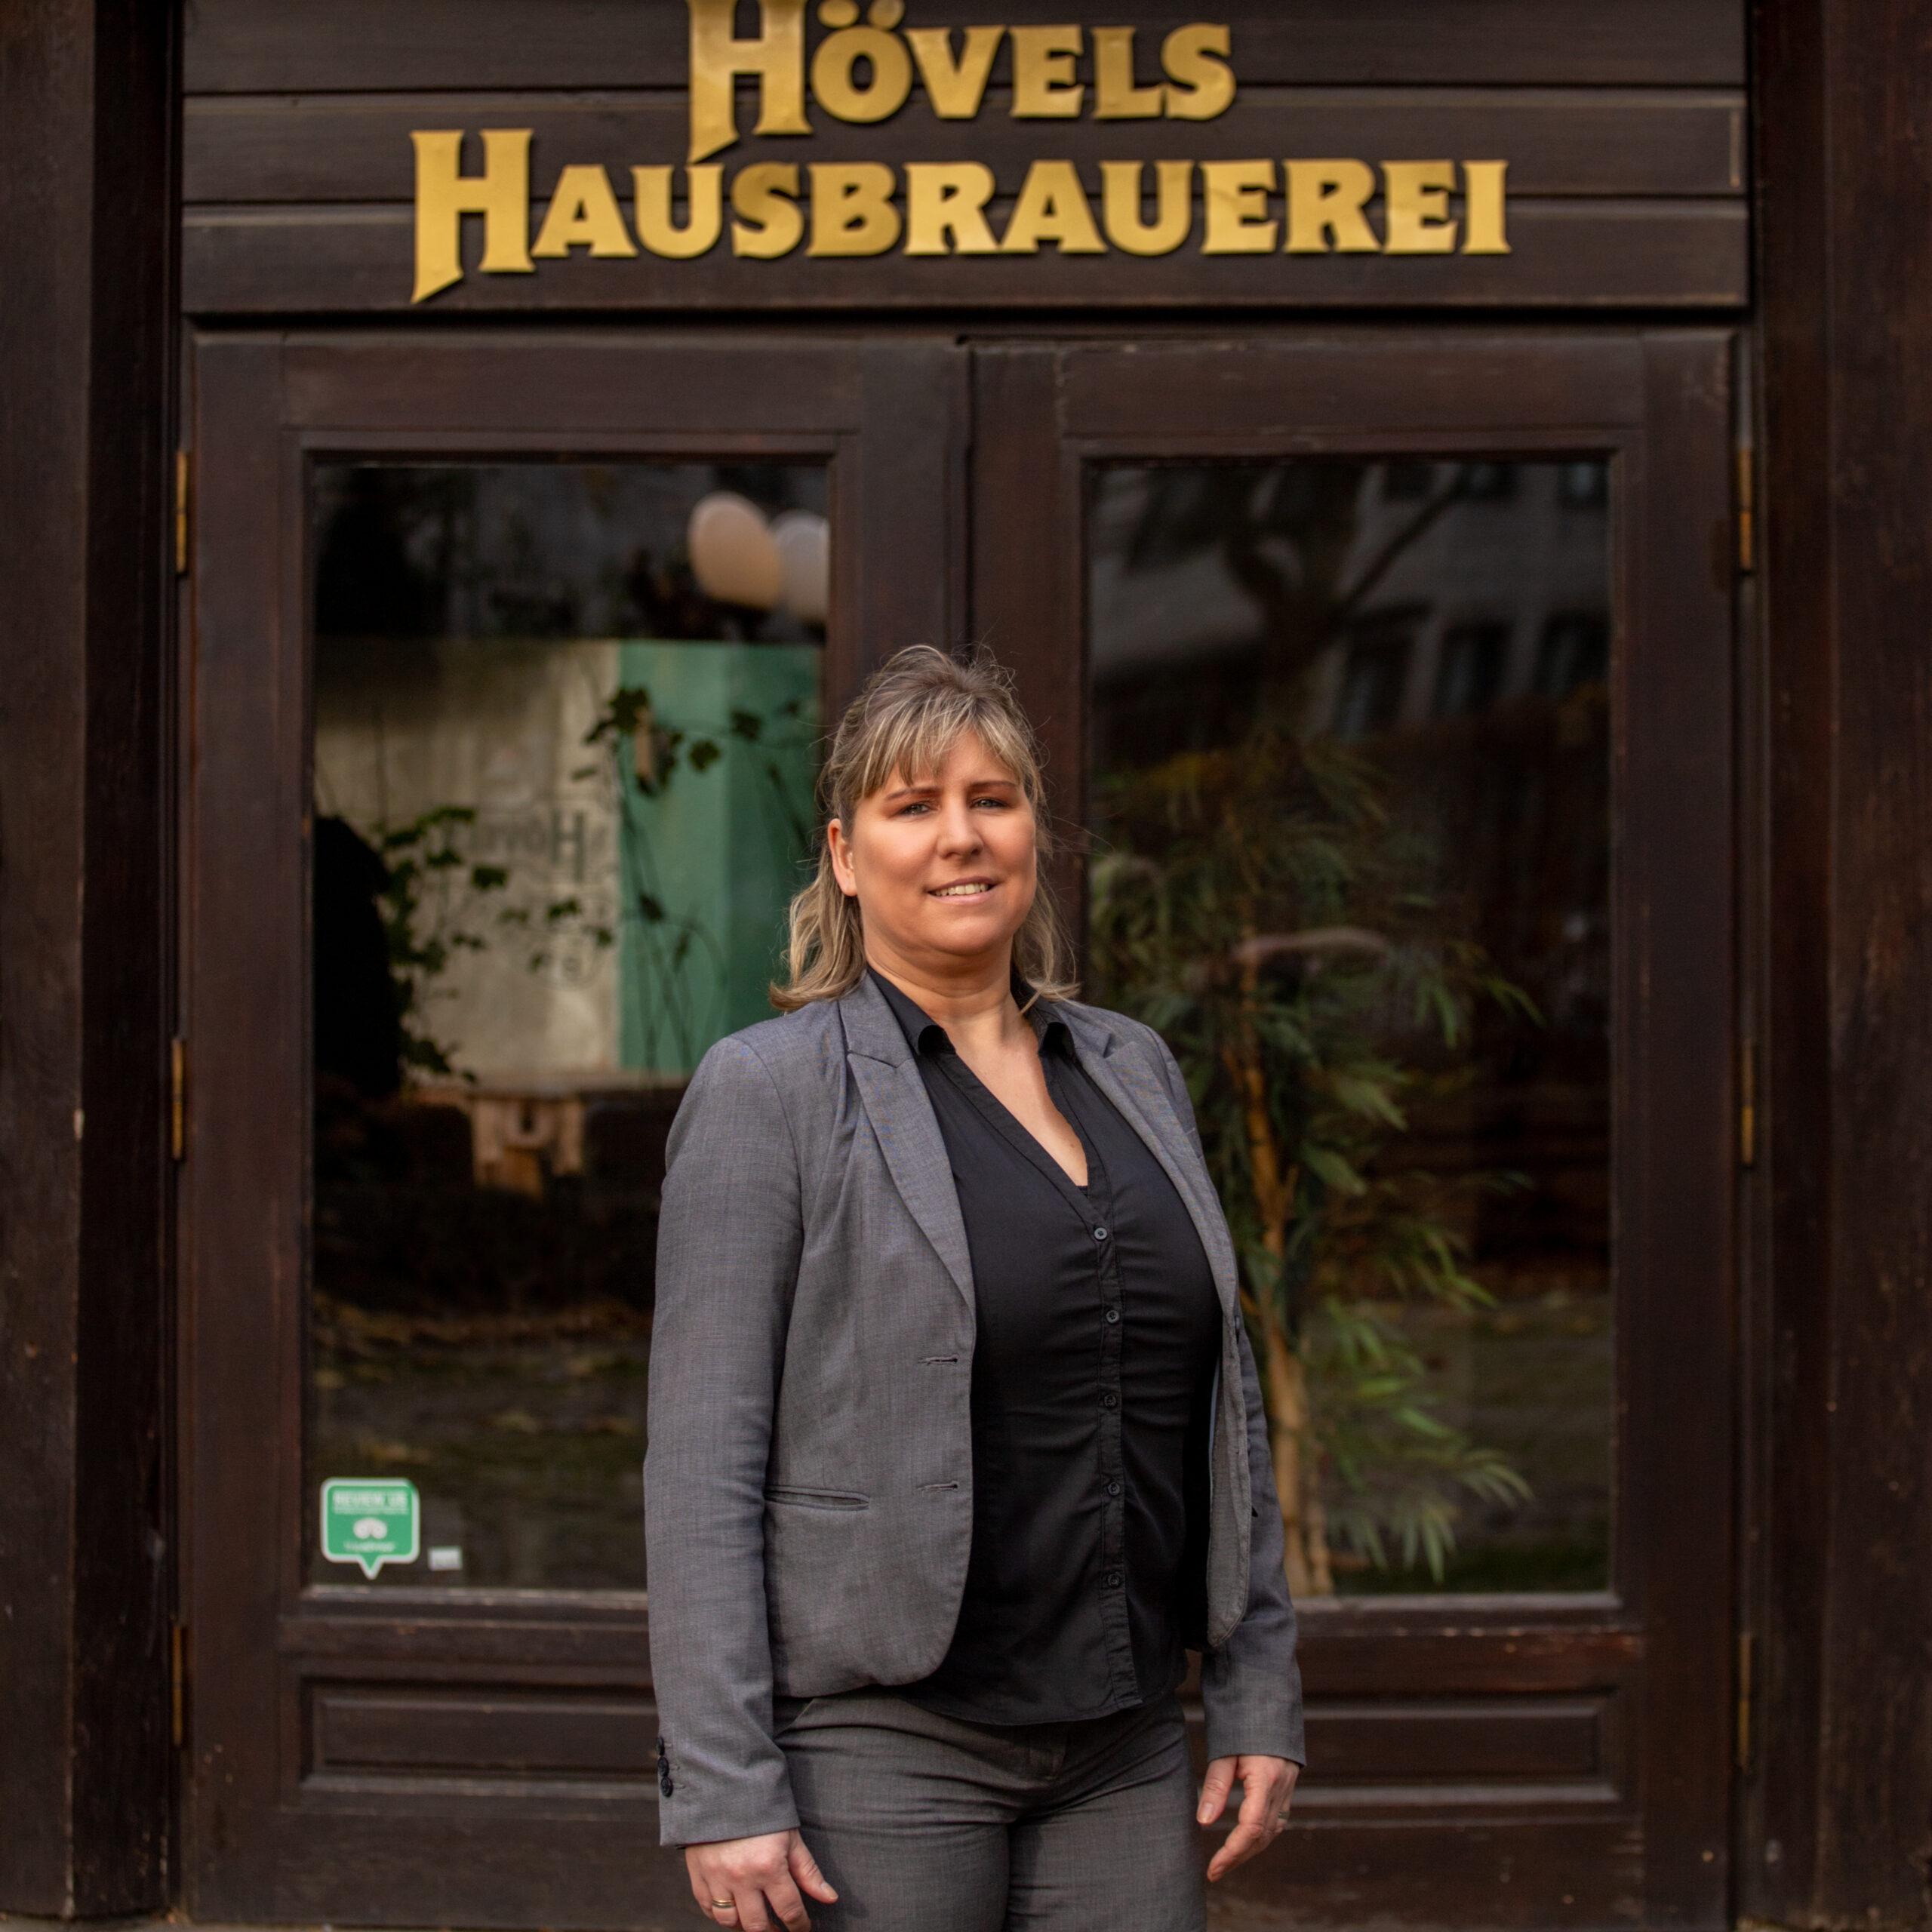 Hövels Hausbrauerei-Team: Dominique (Betriebsleitung)